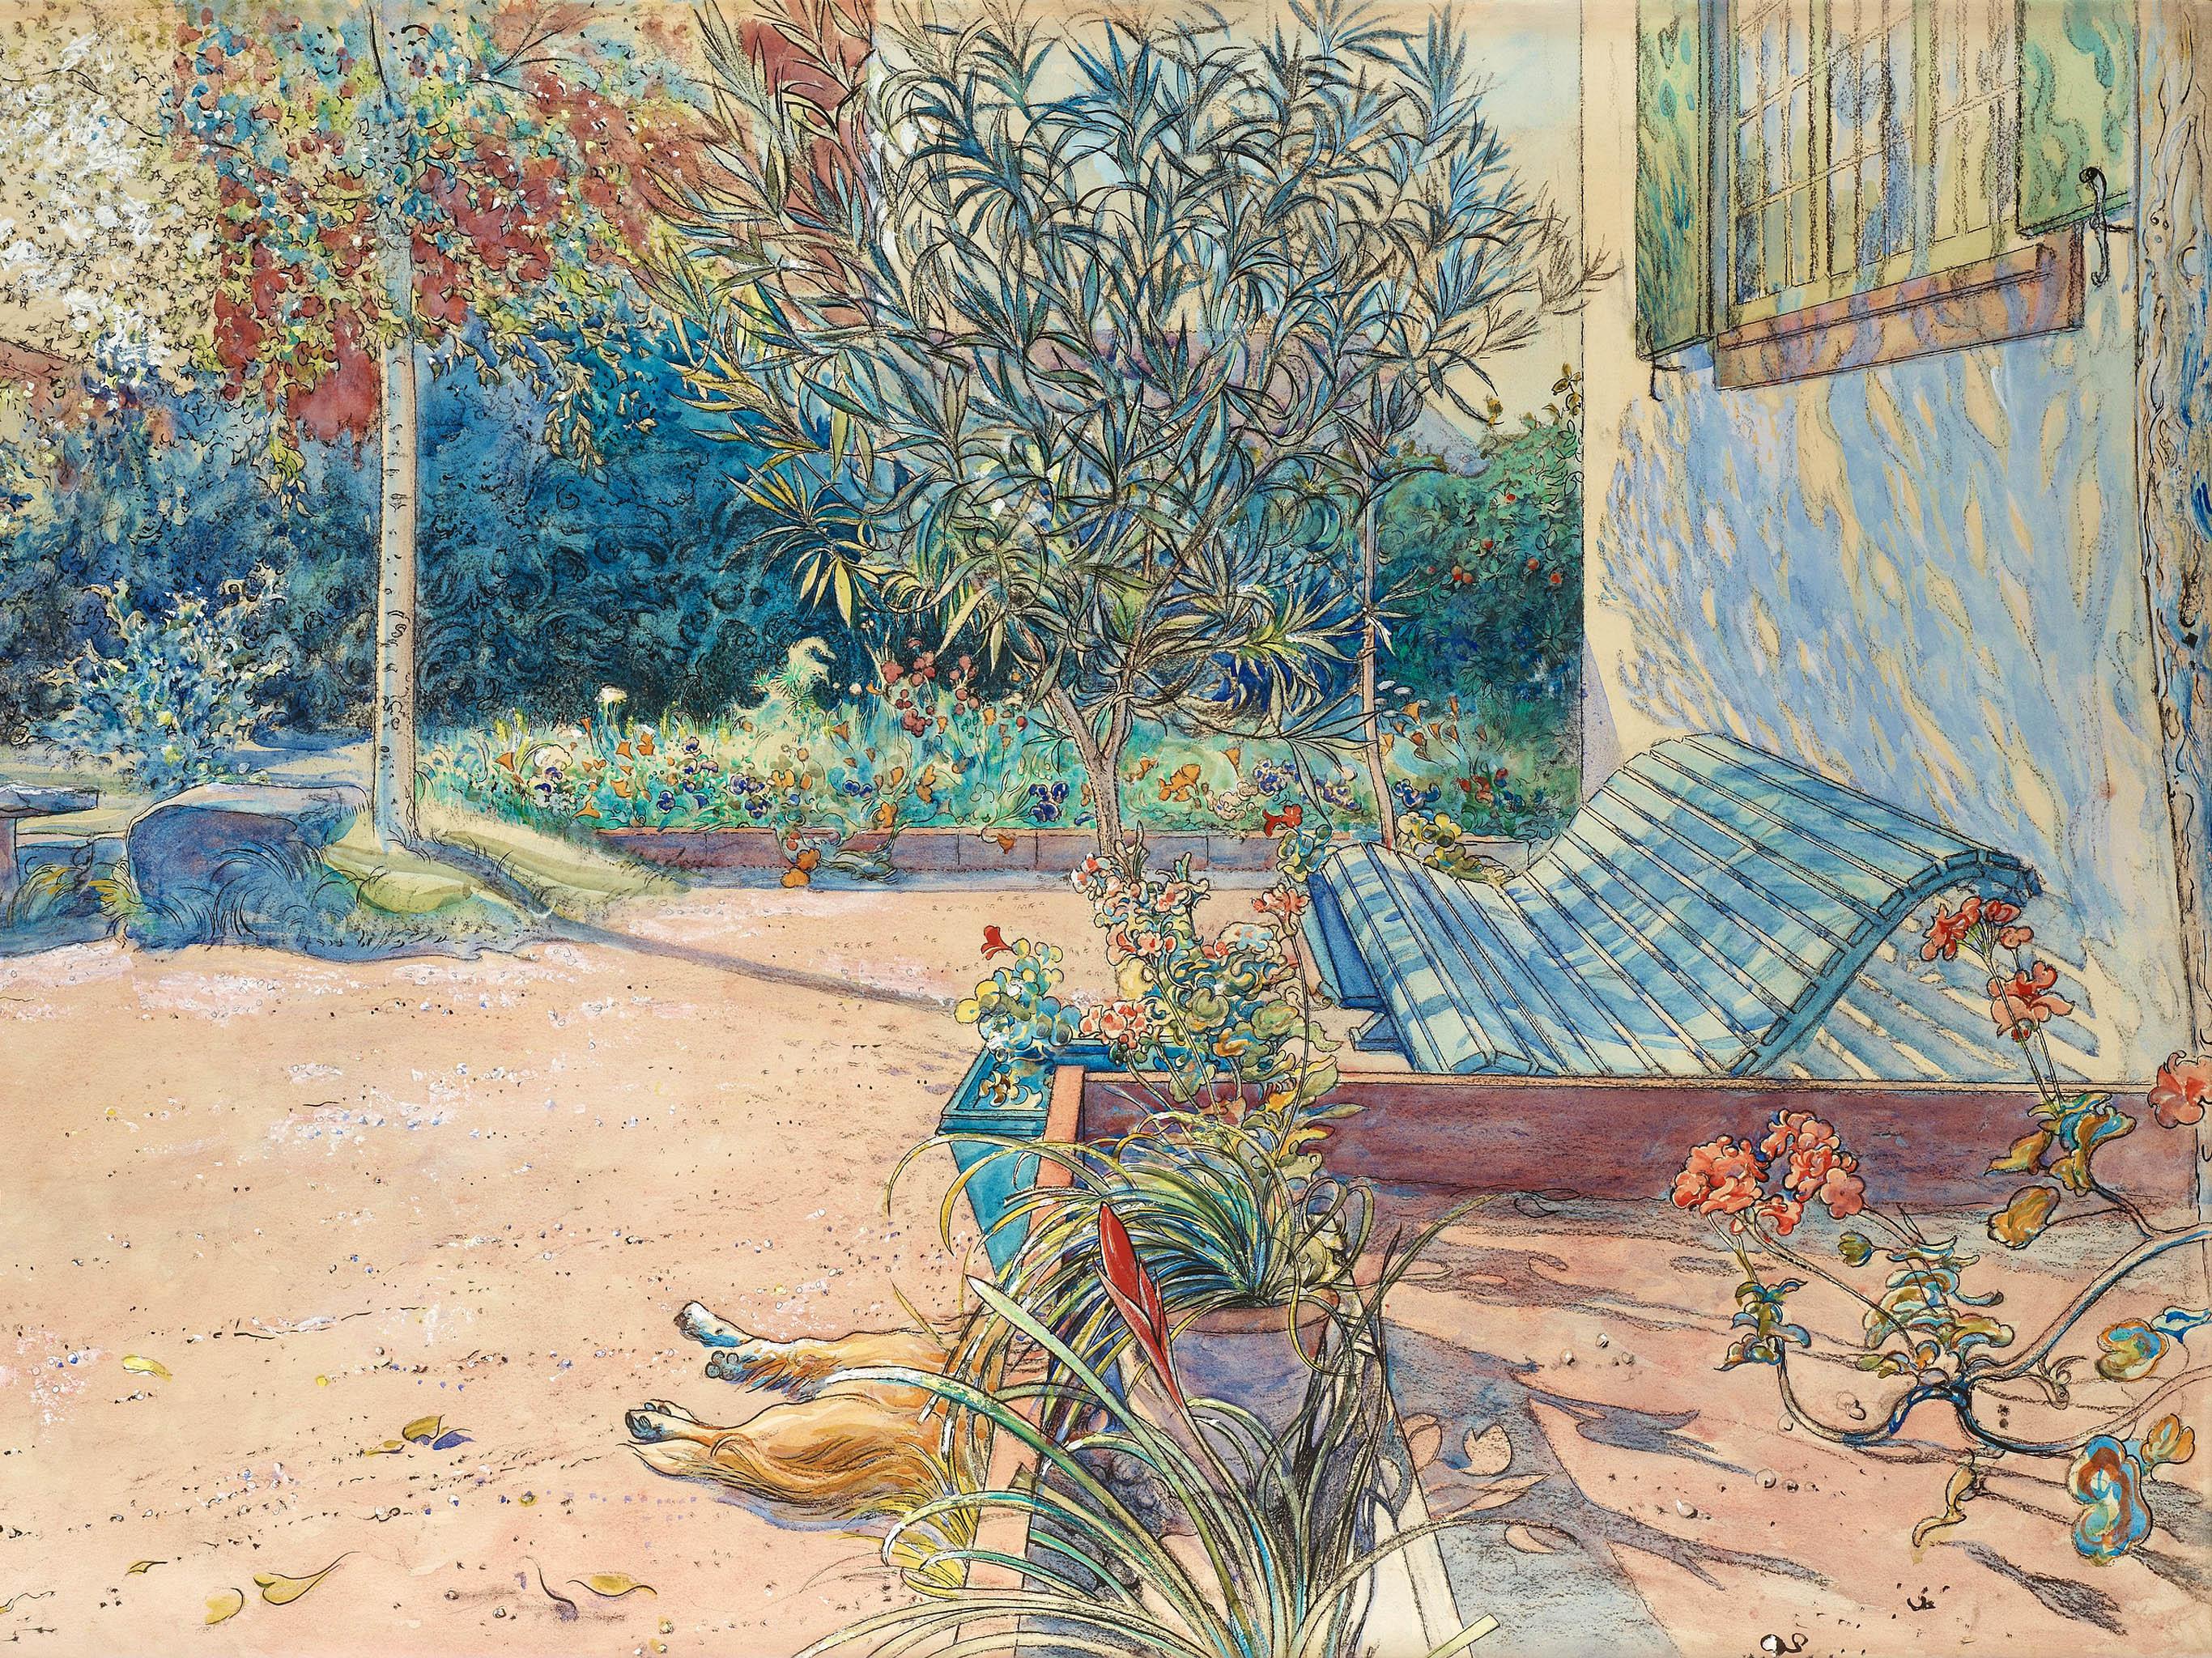 カール・ラーション Carl Larsson - My backyard 2732x2048